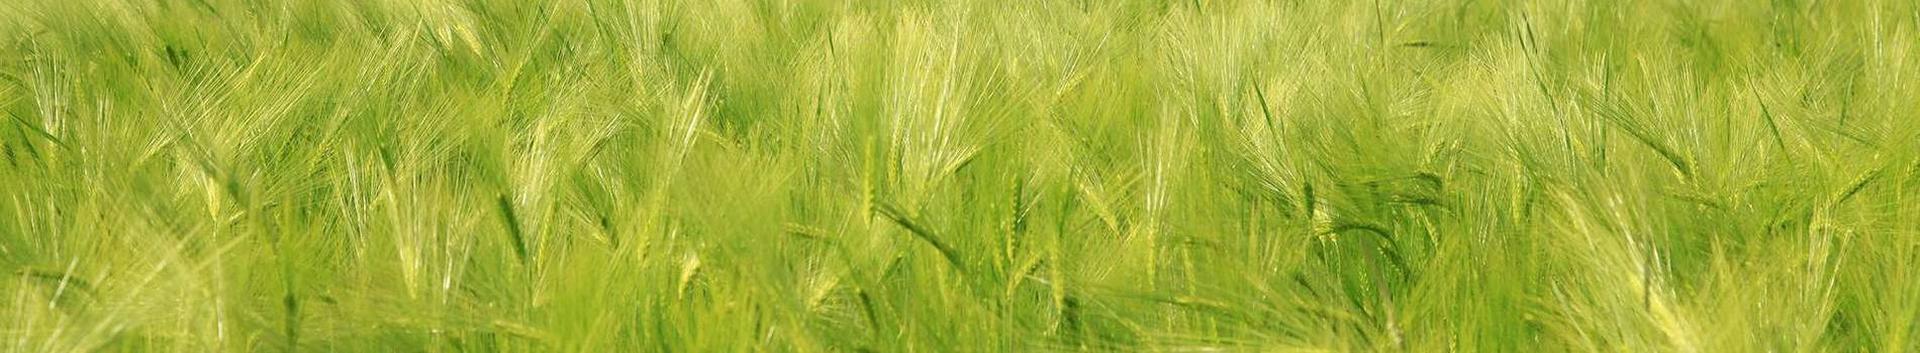 põllumajandustootjad, põllumajandussaadused, toiduainetetööstus